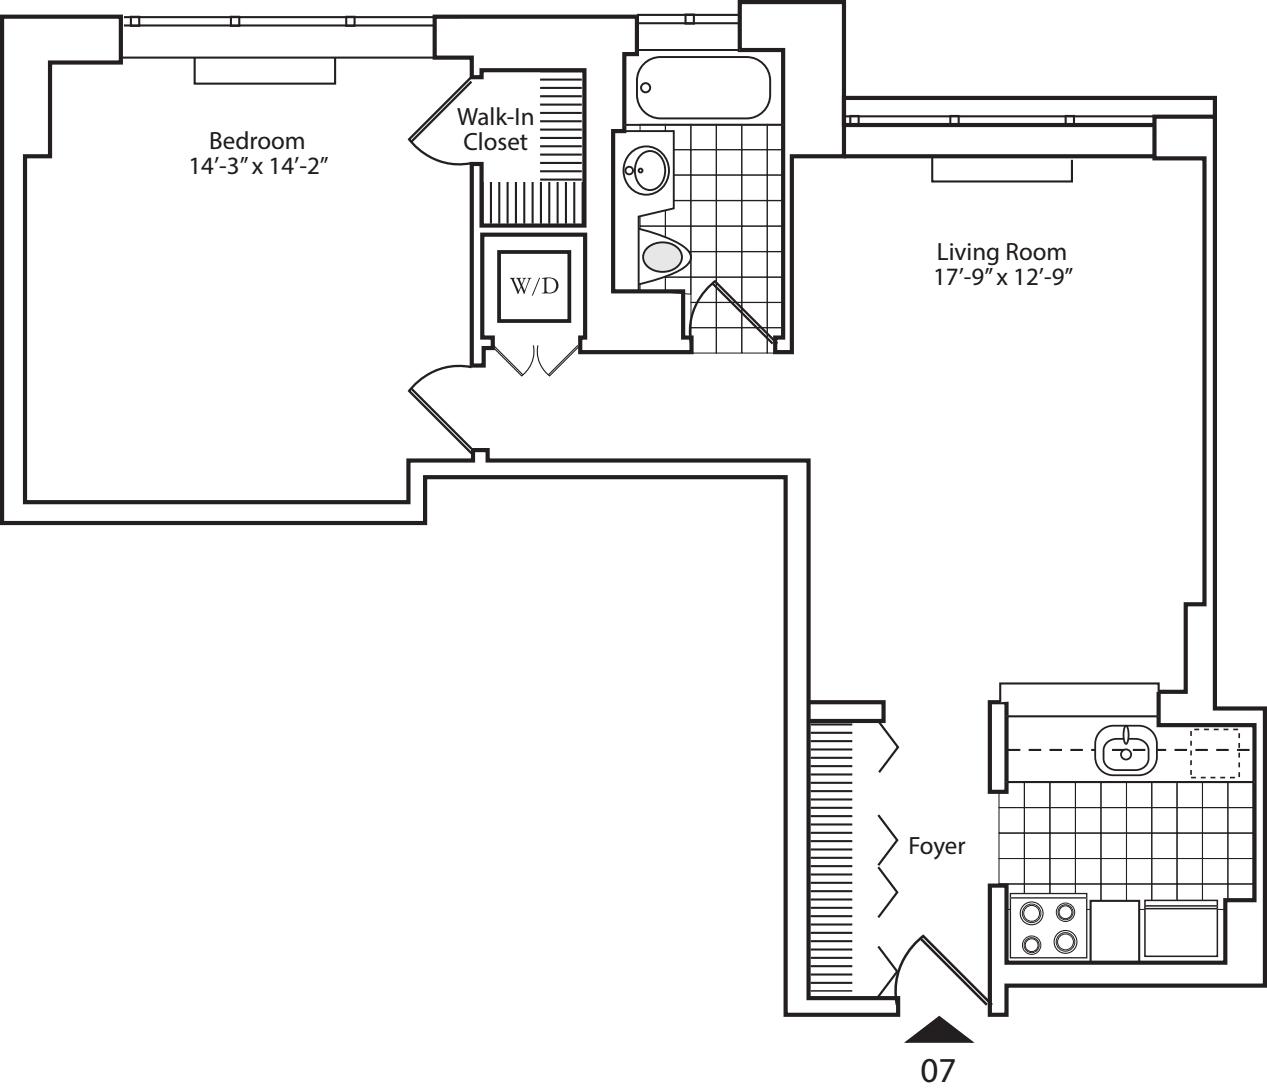 Residence 07 Floors 16-20